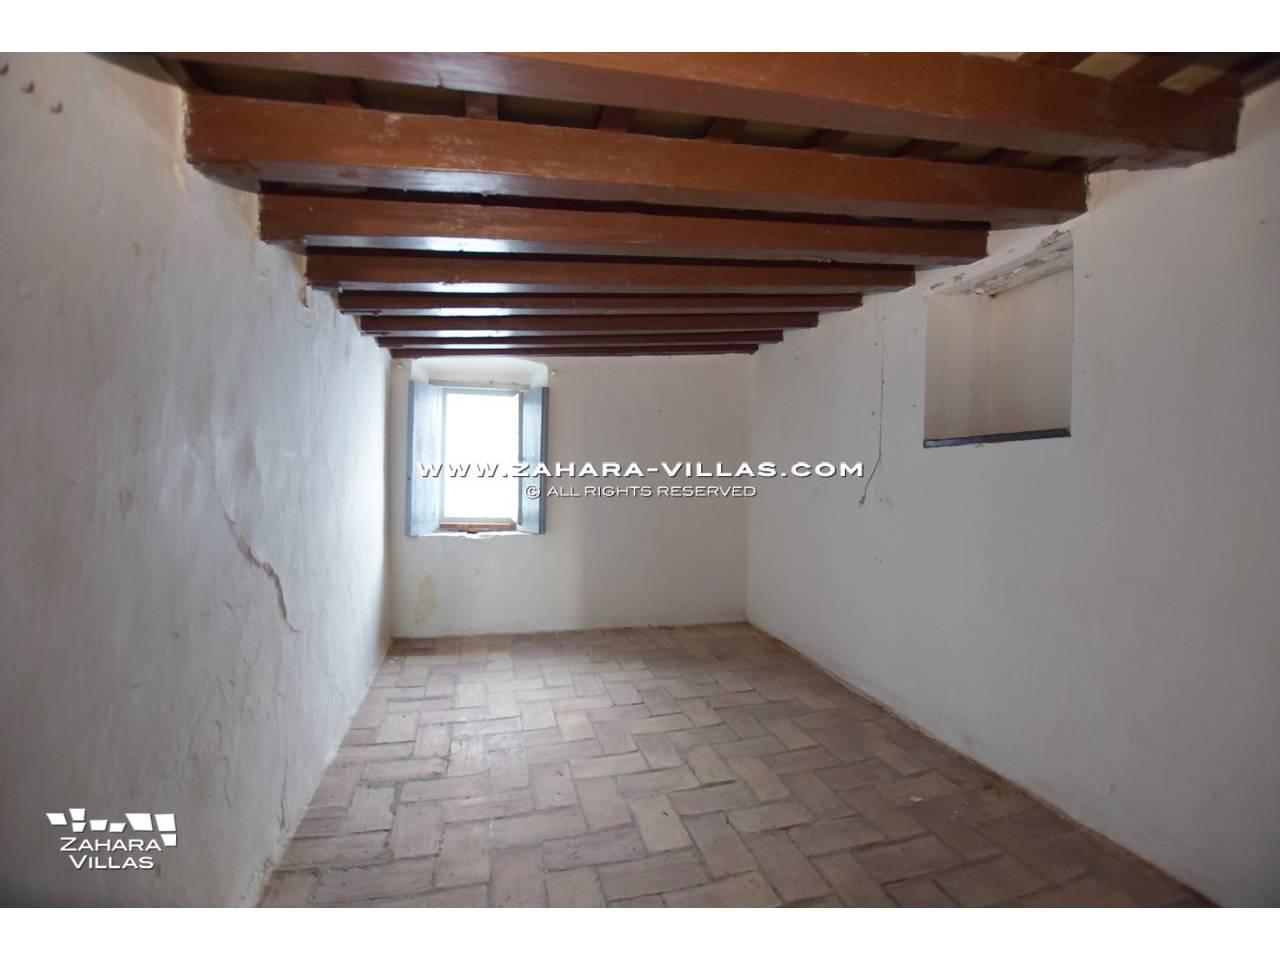 Imagen 11 de Historic buildings for sale in Vejer de la Frontera are sold